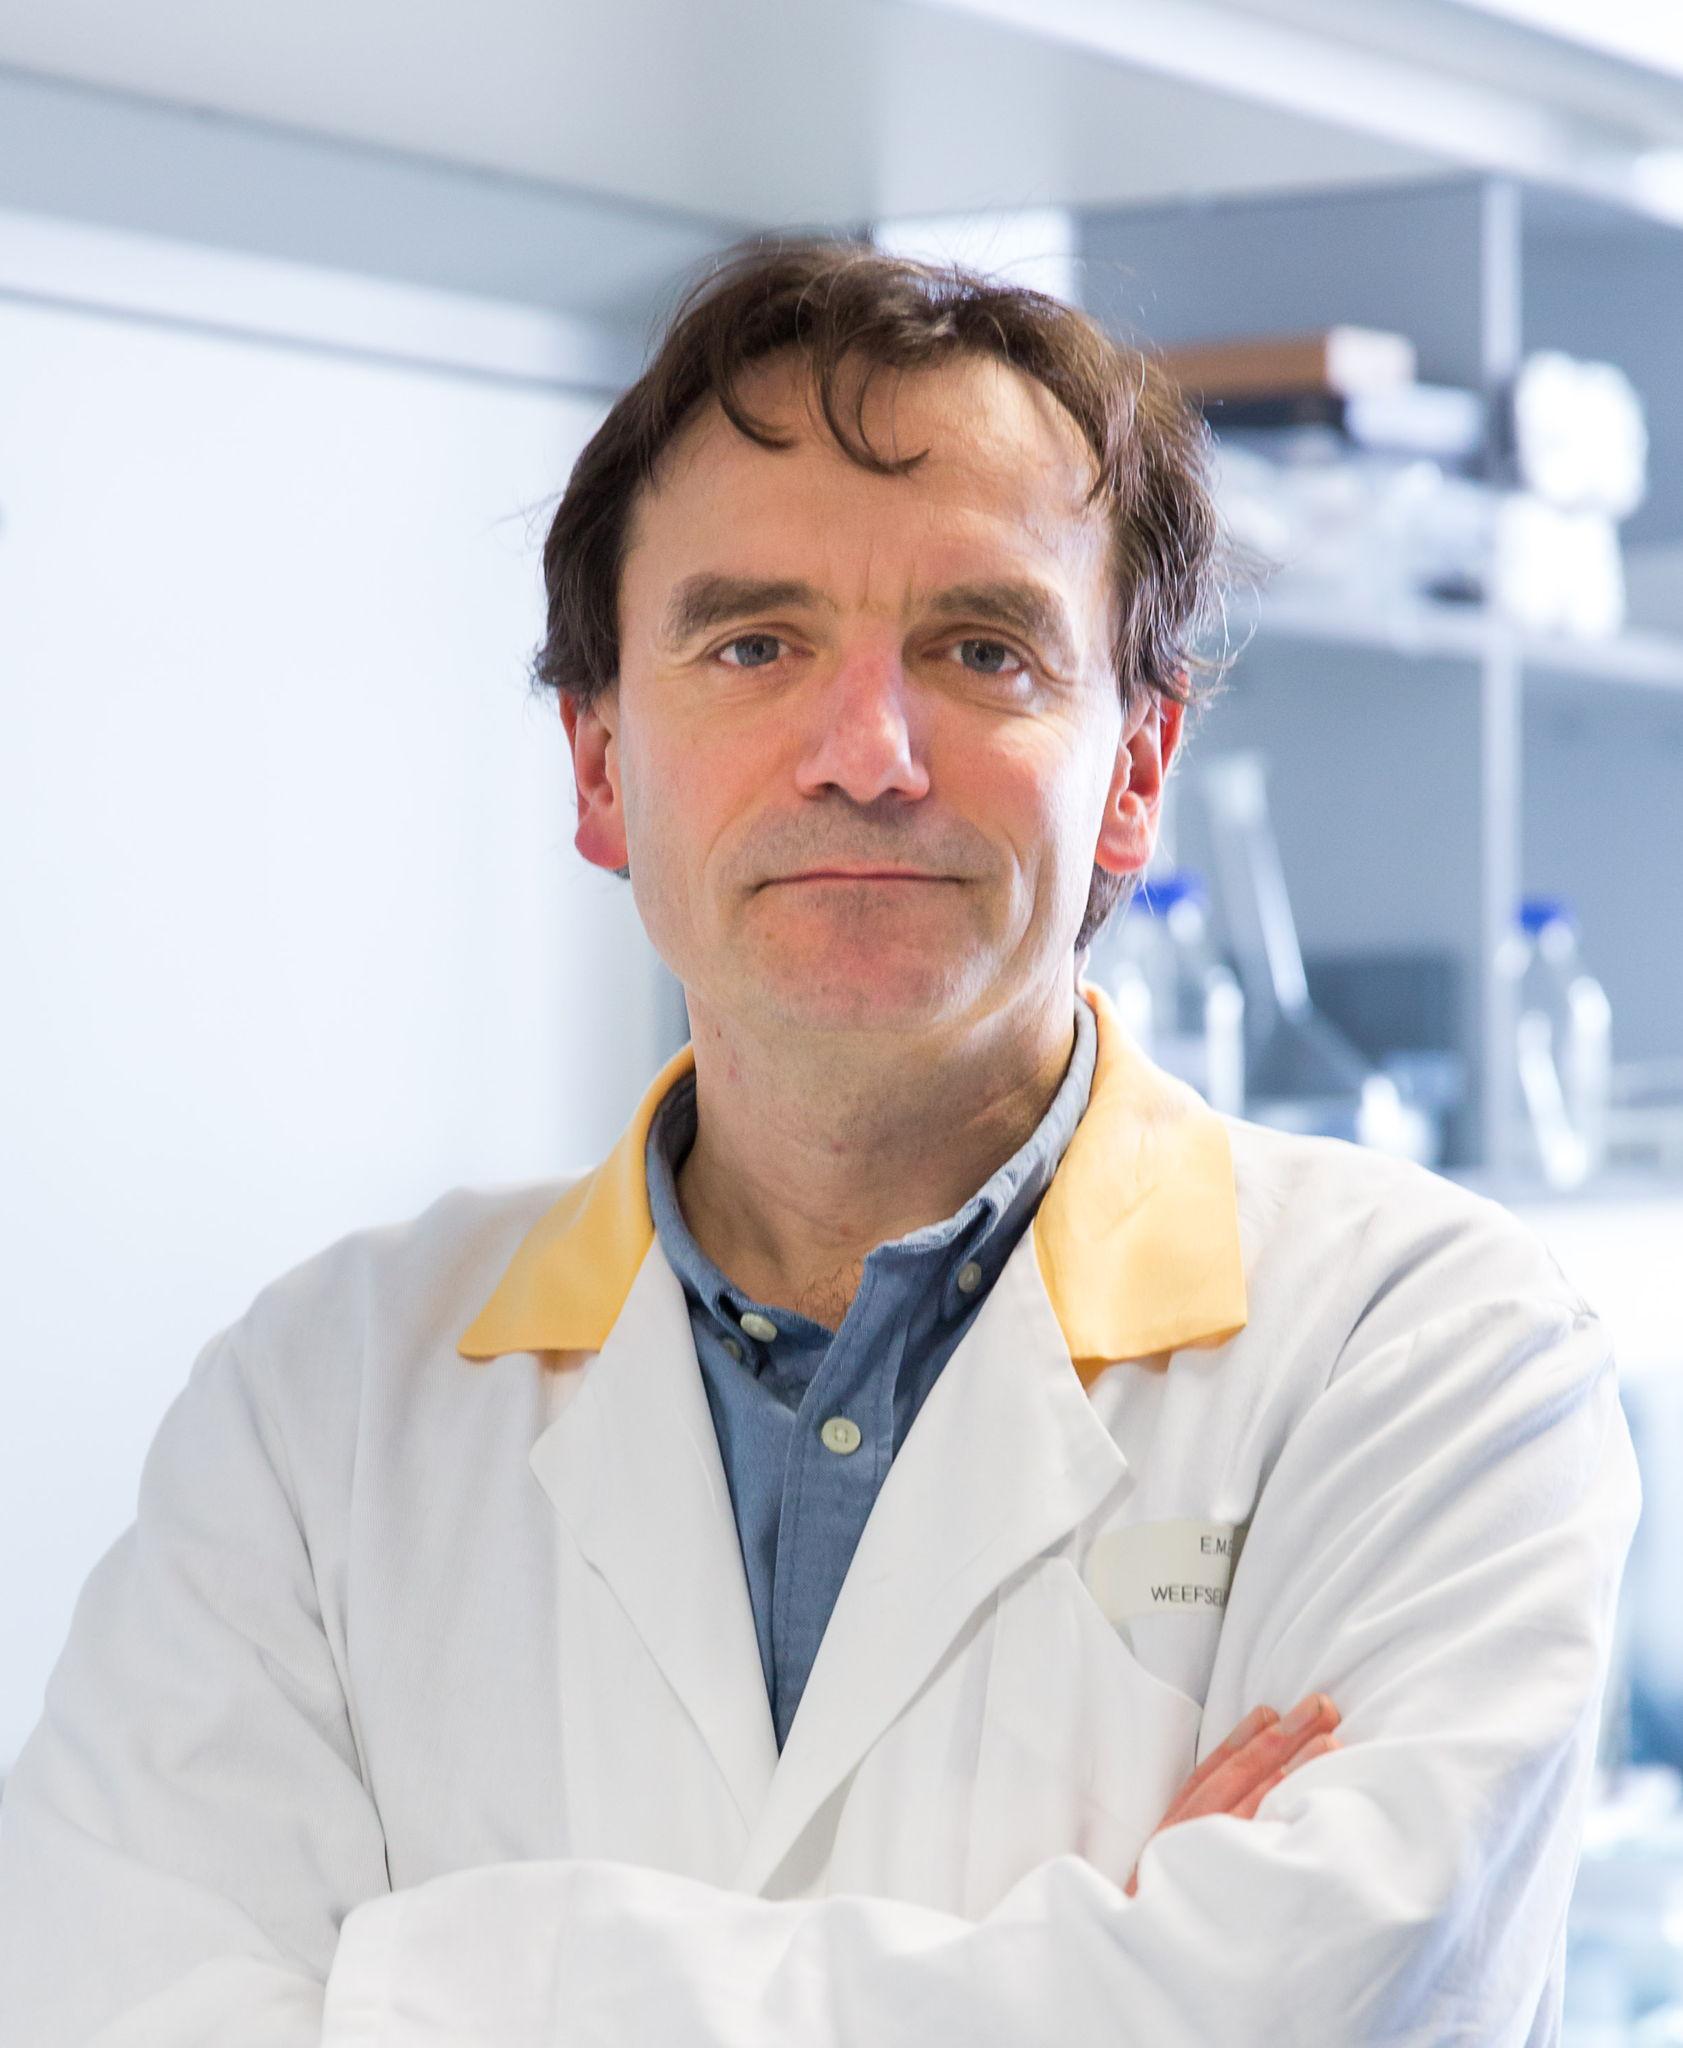 Professor Joris Vermeesch van het centrum menselijke erfelijkheid in UZ Leuven